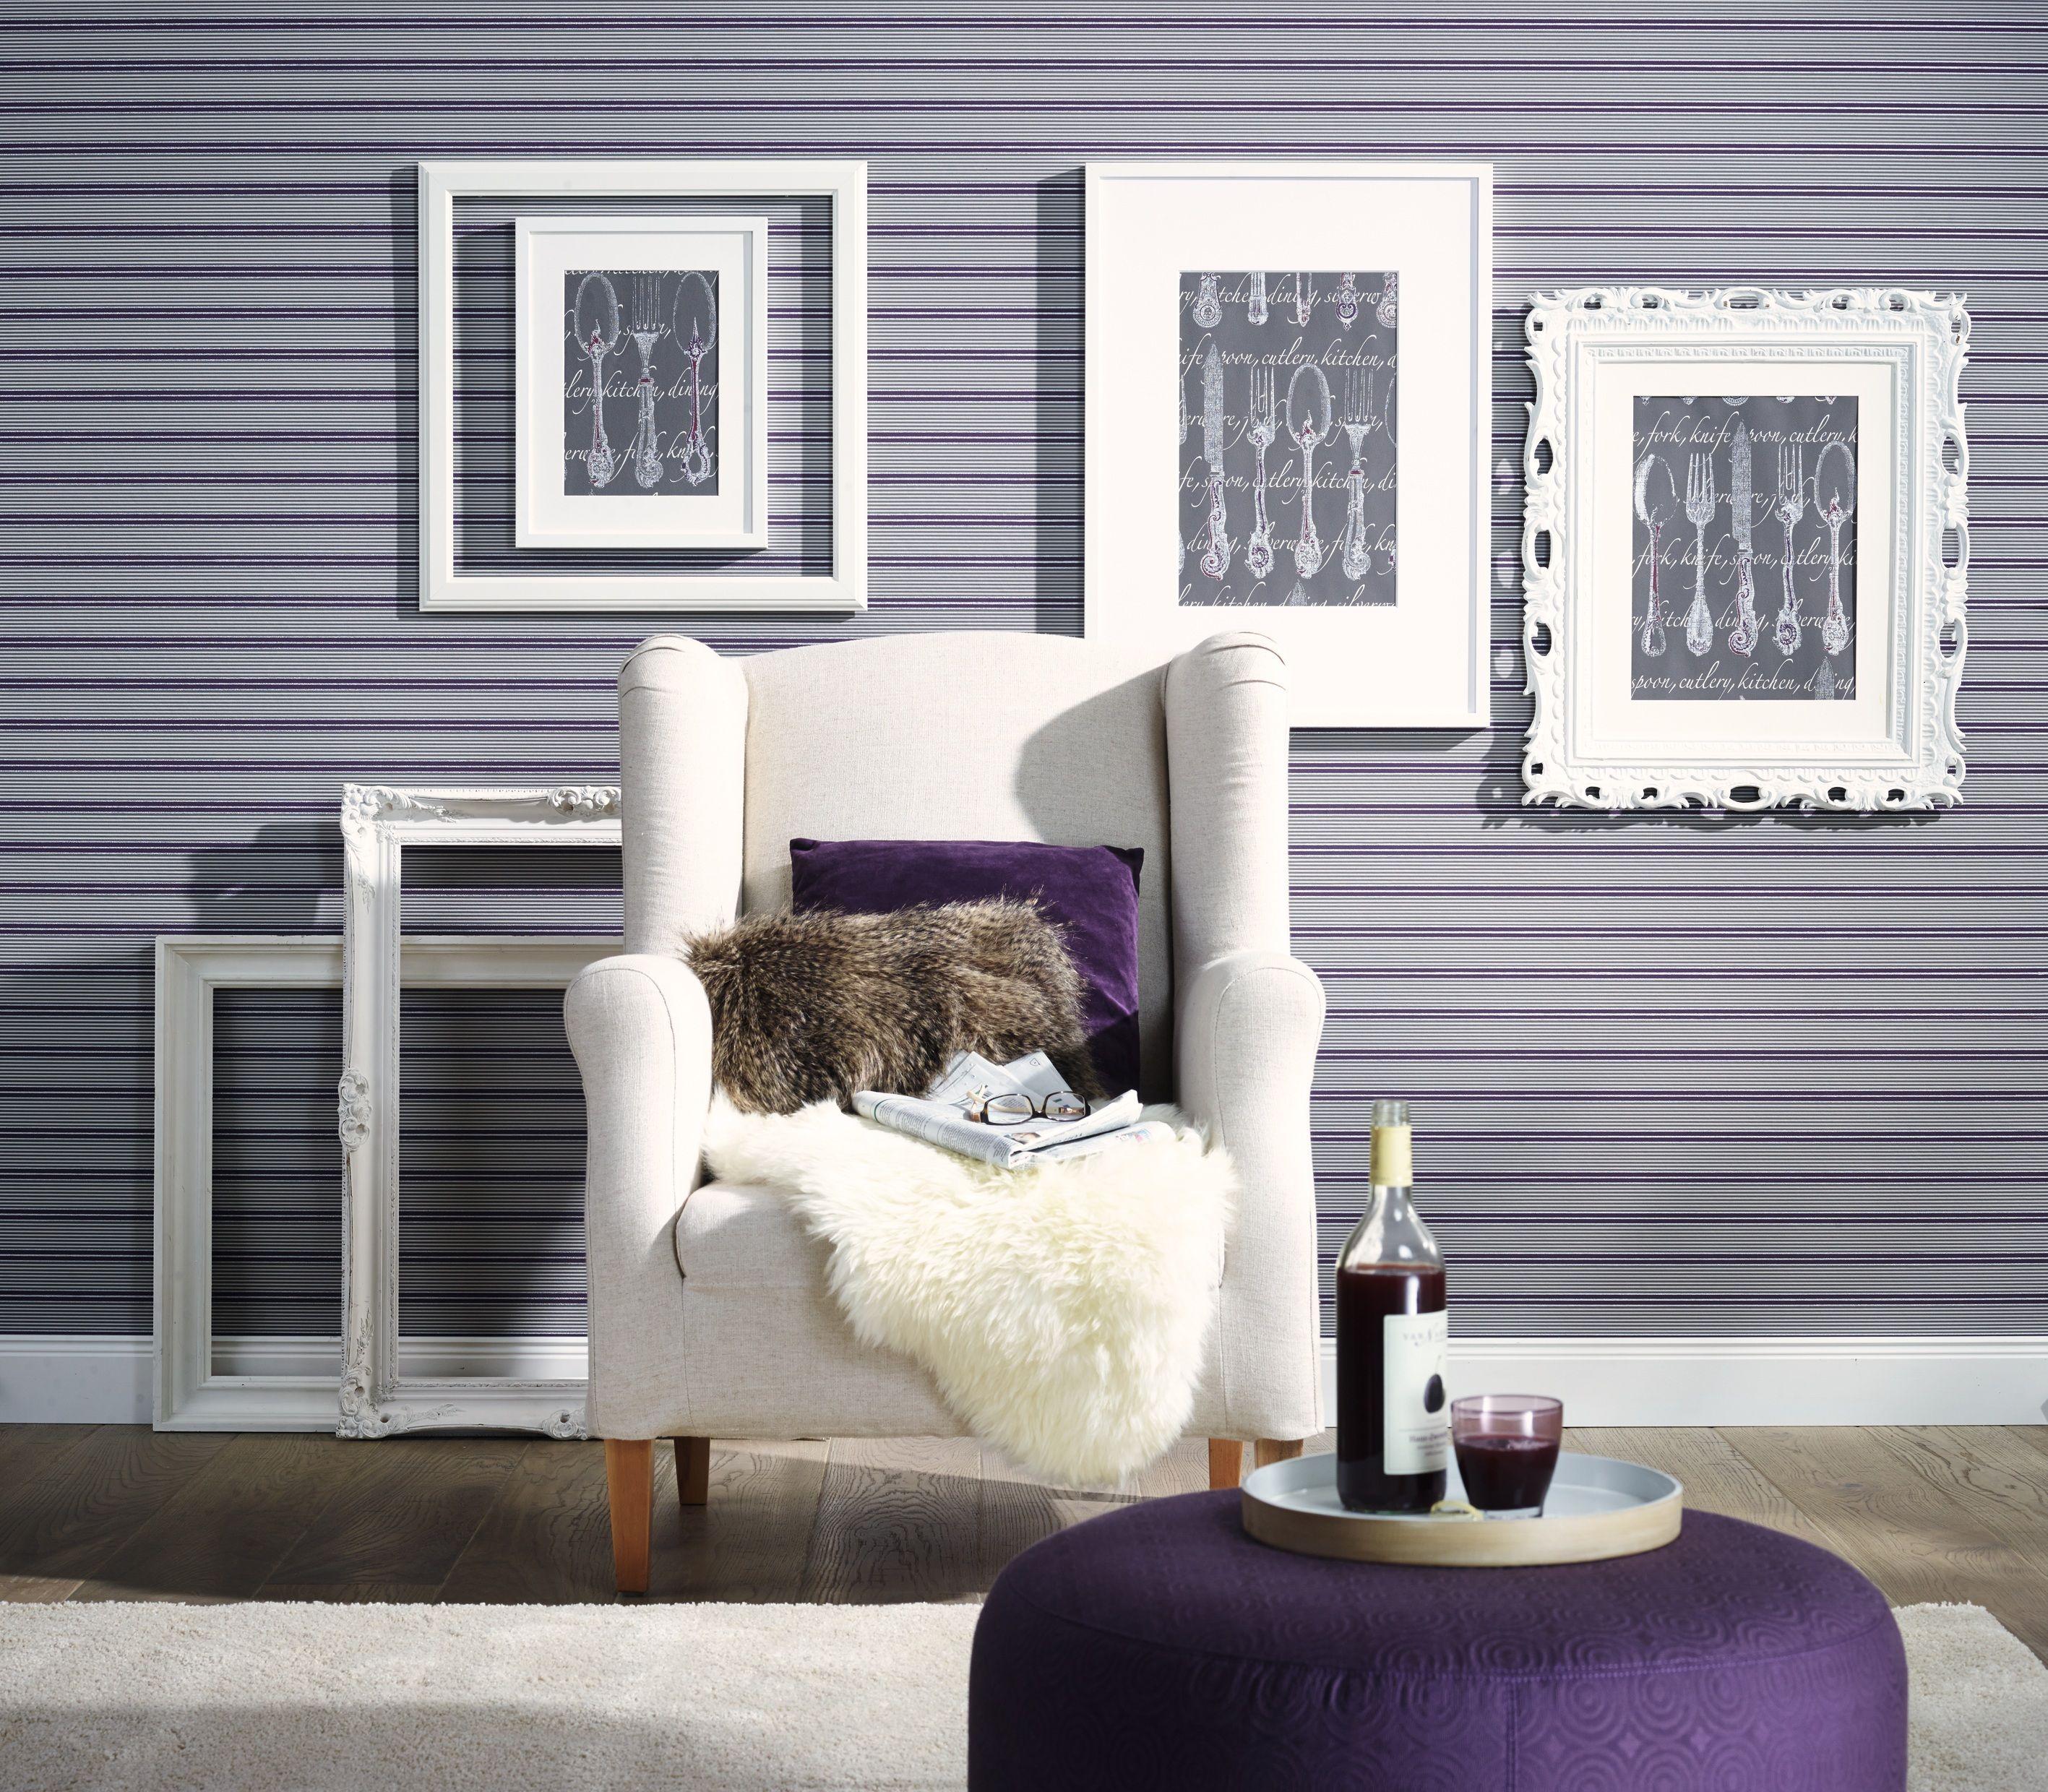 mix und match streifentapete mit bestecktapete im bilderrahmen zuhause wohnen kollektion 2014. Black Bedroom Furniture Sets. Home Design Ideas